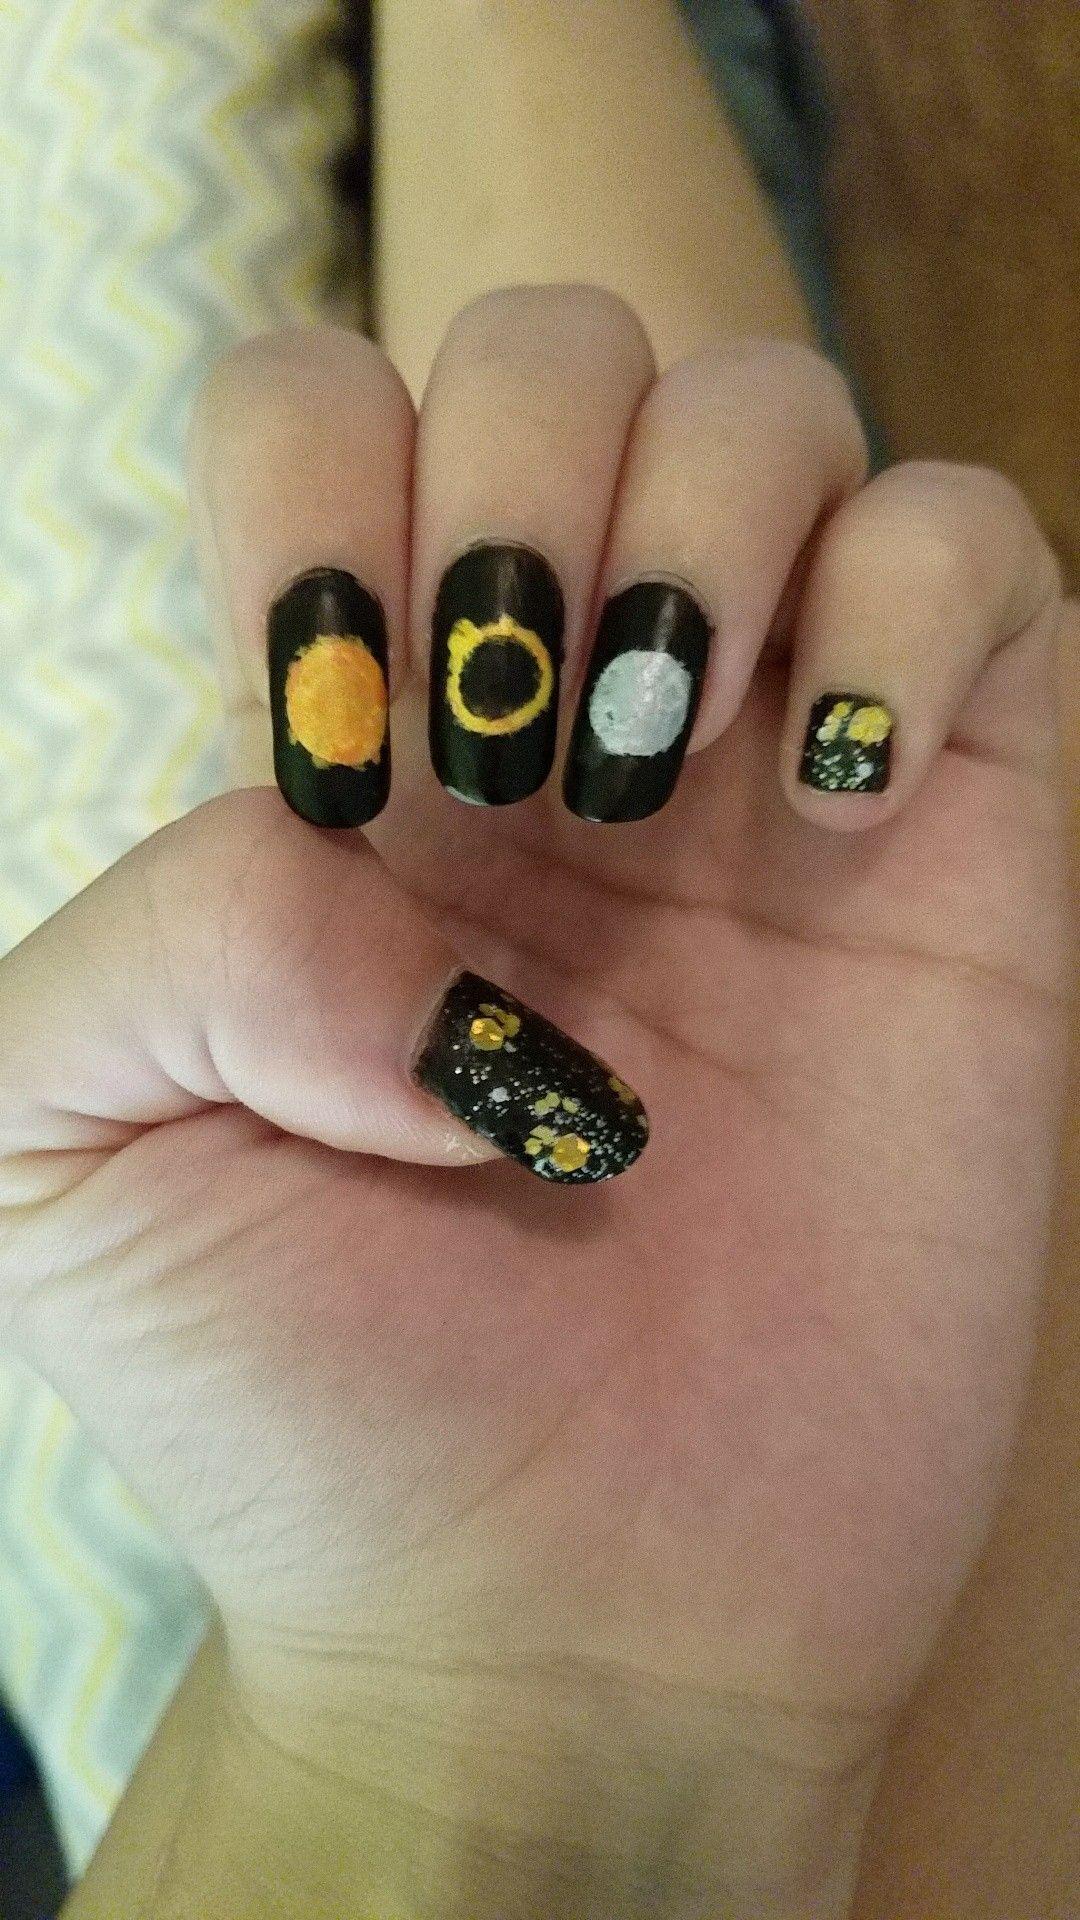 Eclipse Nail Art (by Monoose) | My Nail Art | Pinterest